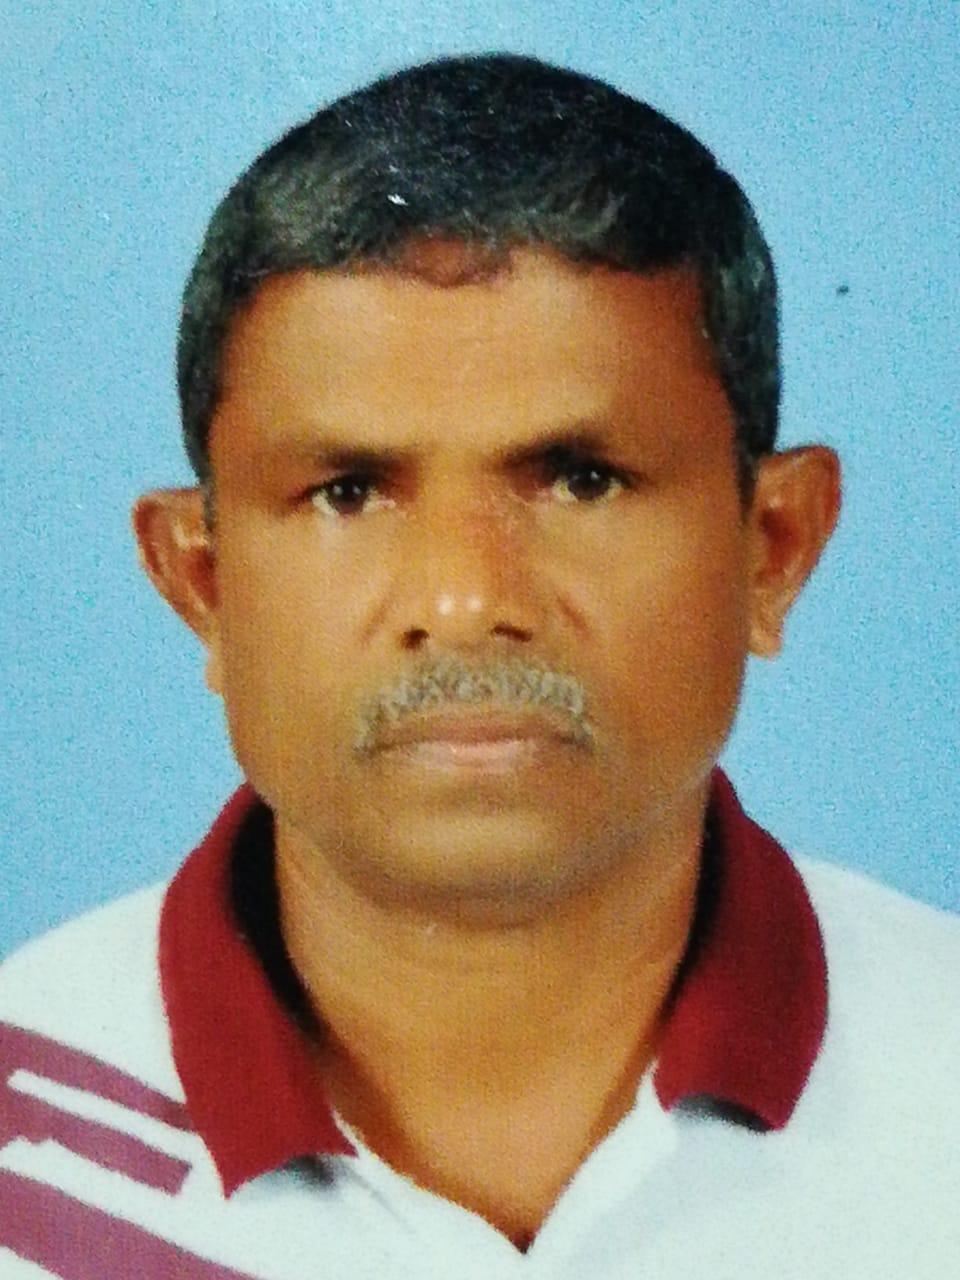 Mr. KA Sarath Wijesiri